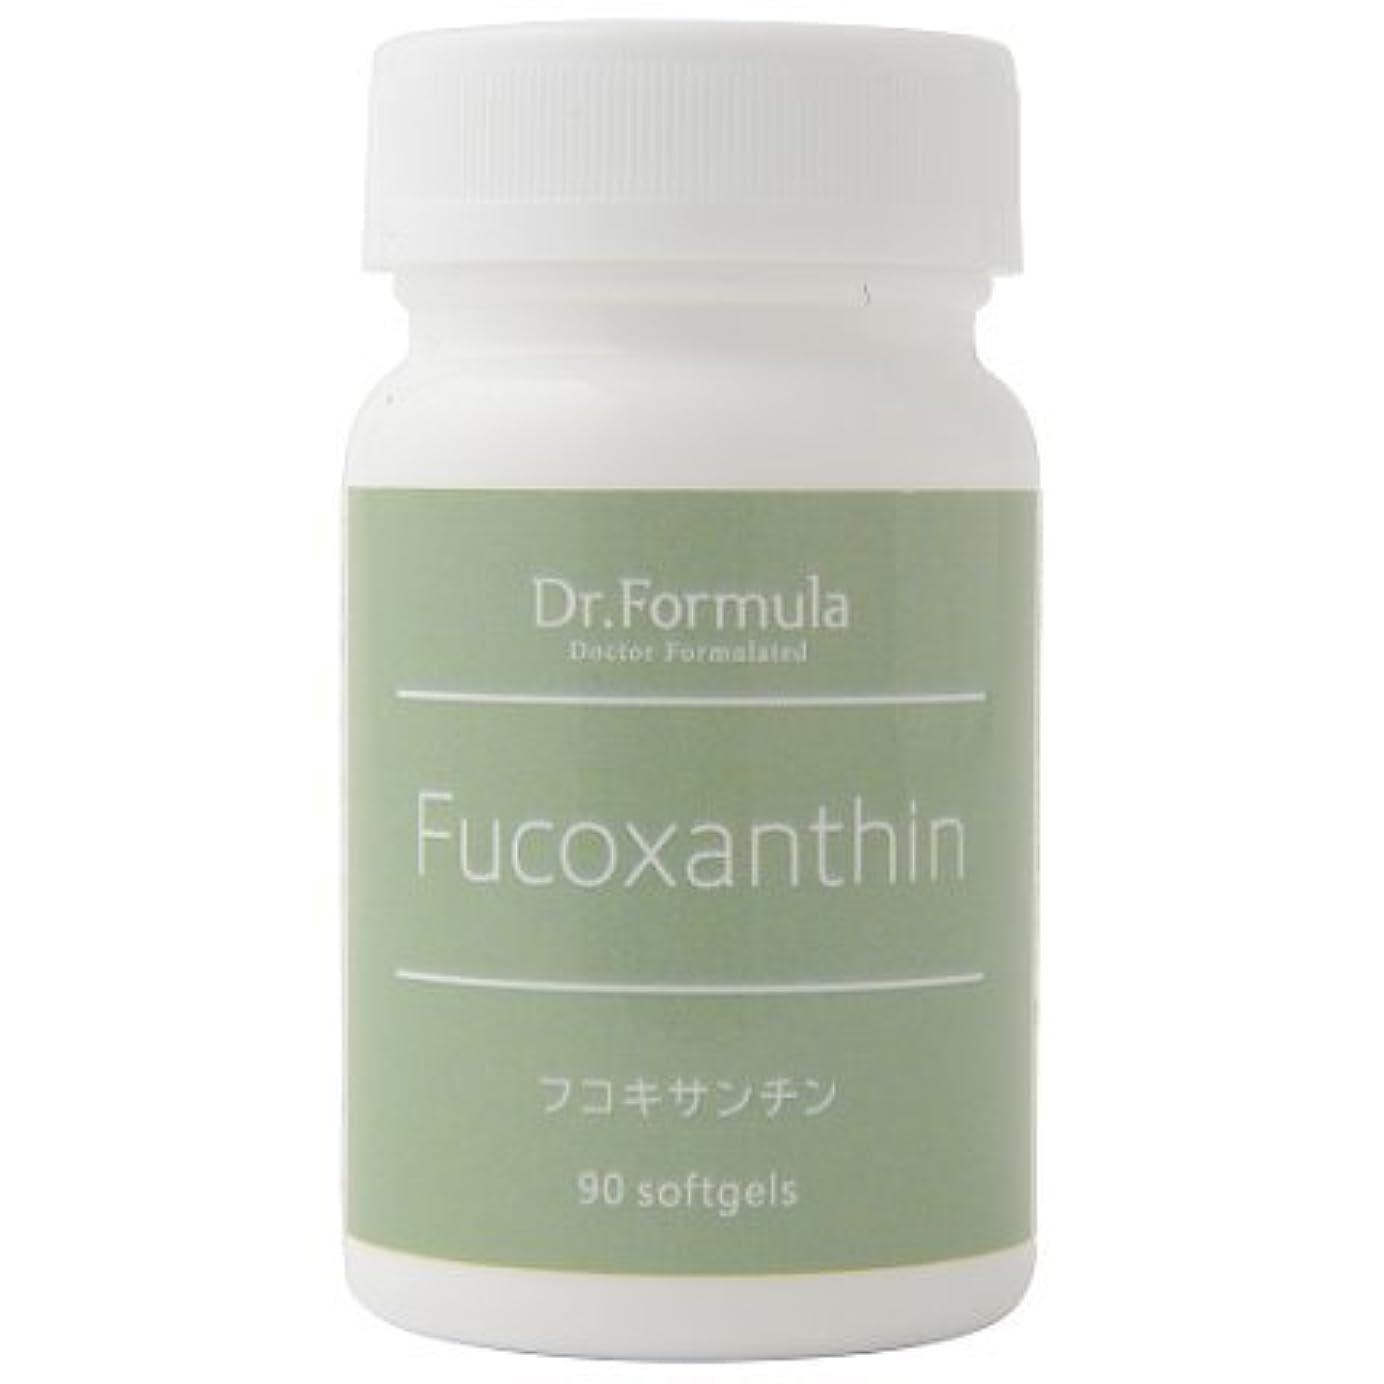 血写真のハウジングDr.Formula フコキサンチン(テレビで話題の希少成分) 30日分 90粒 日本製 Fucoxanthin